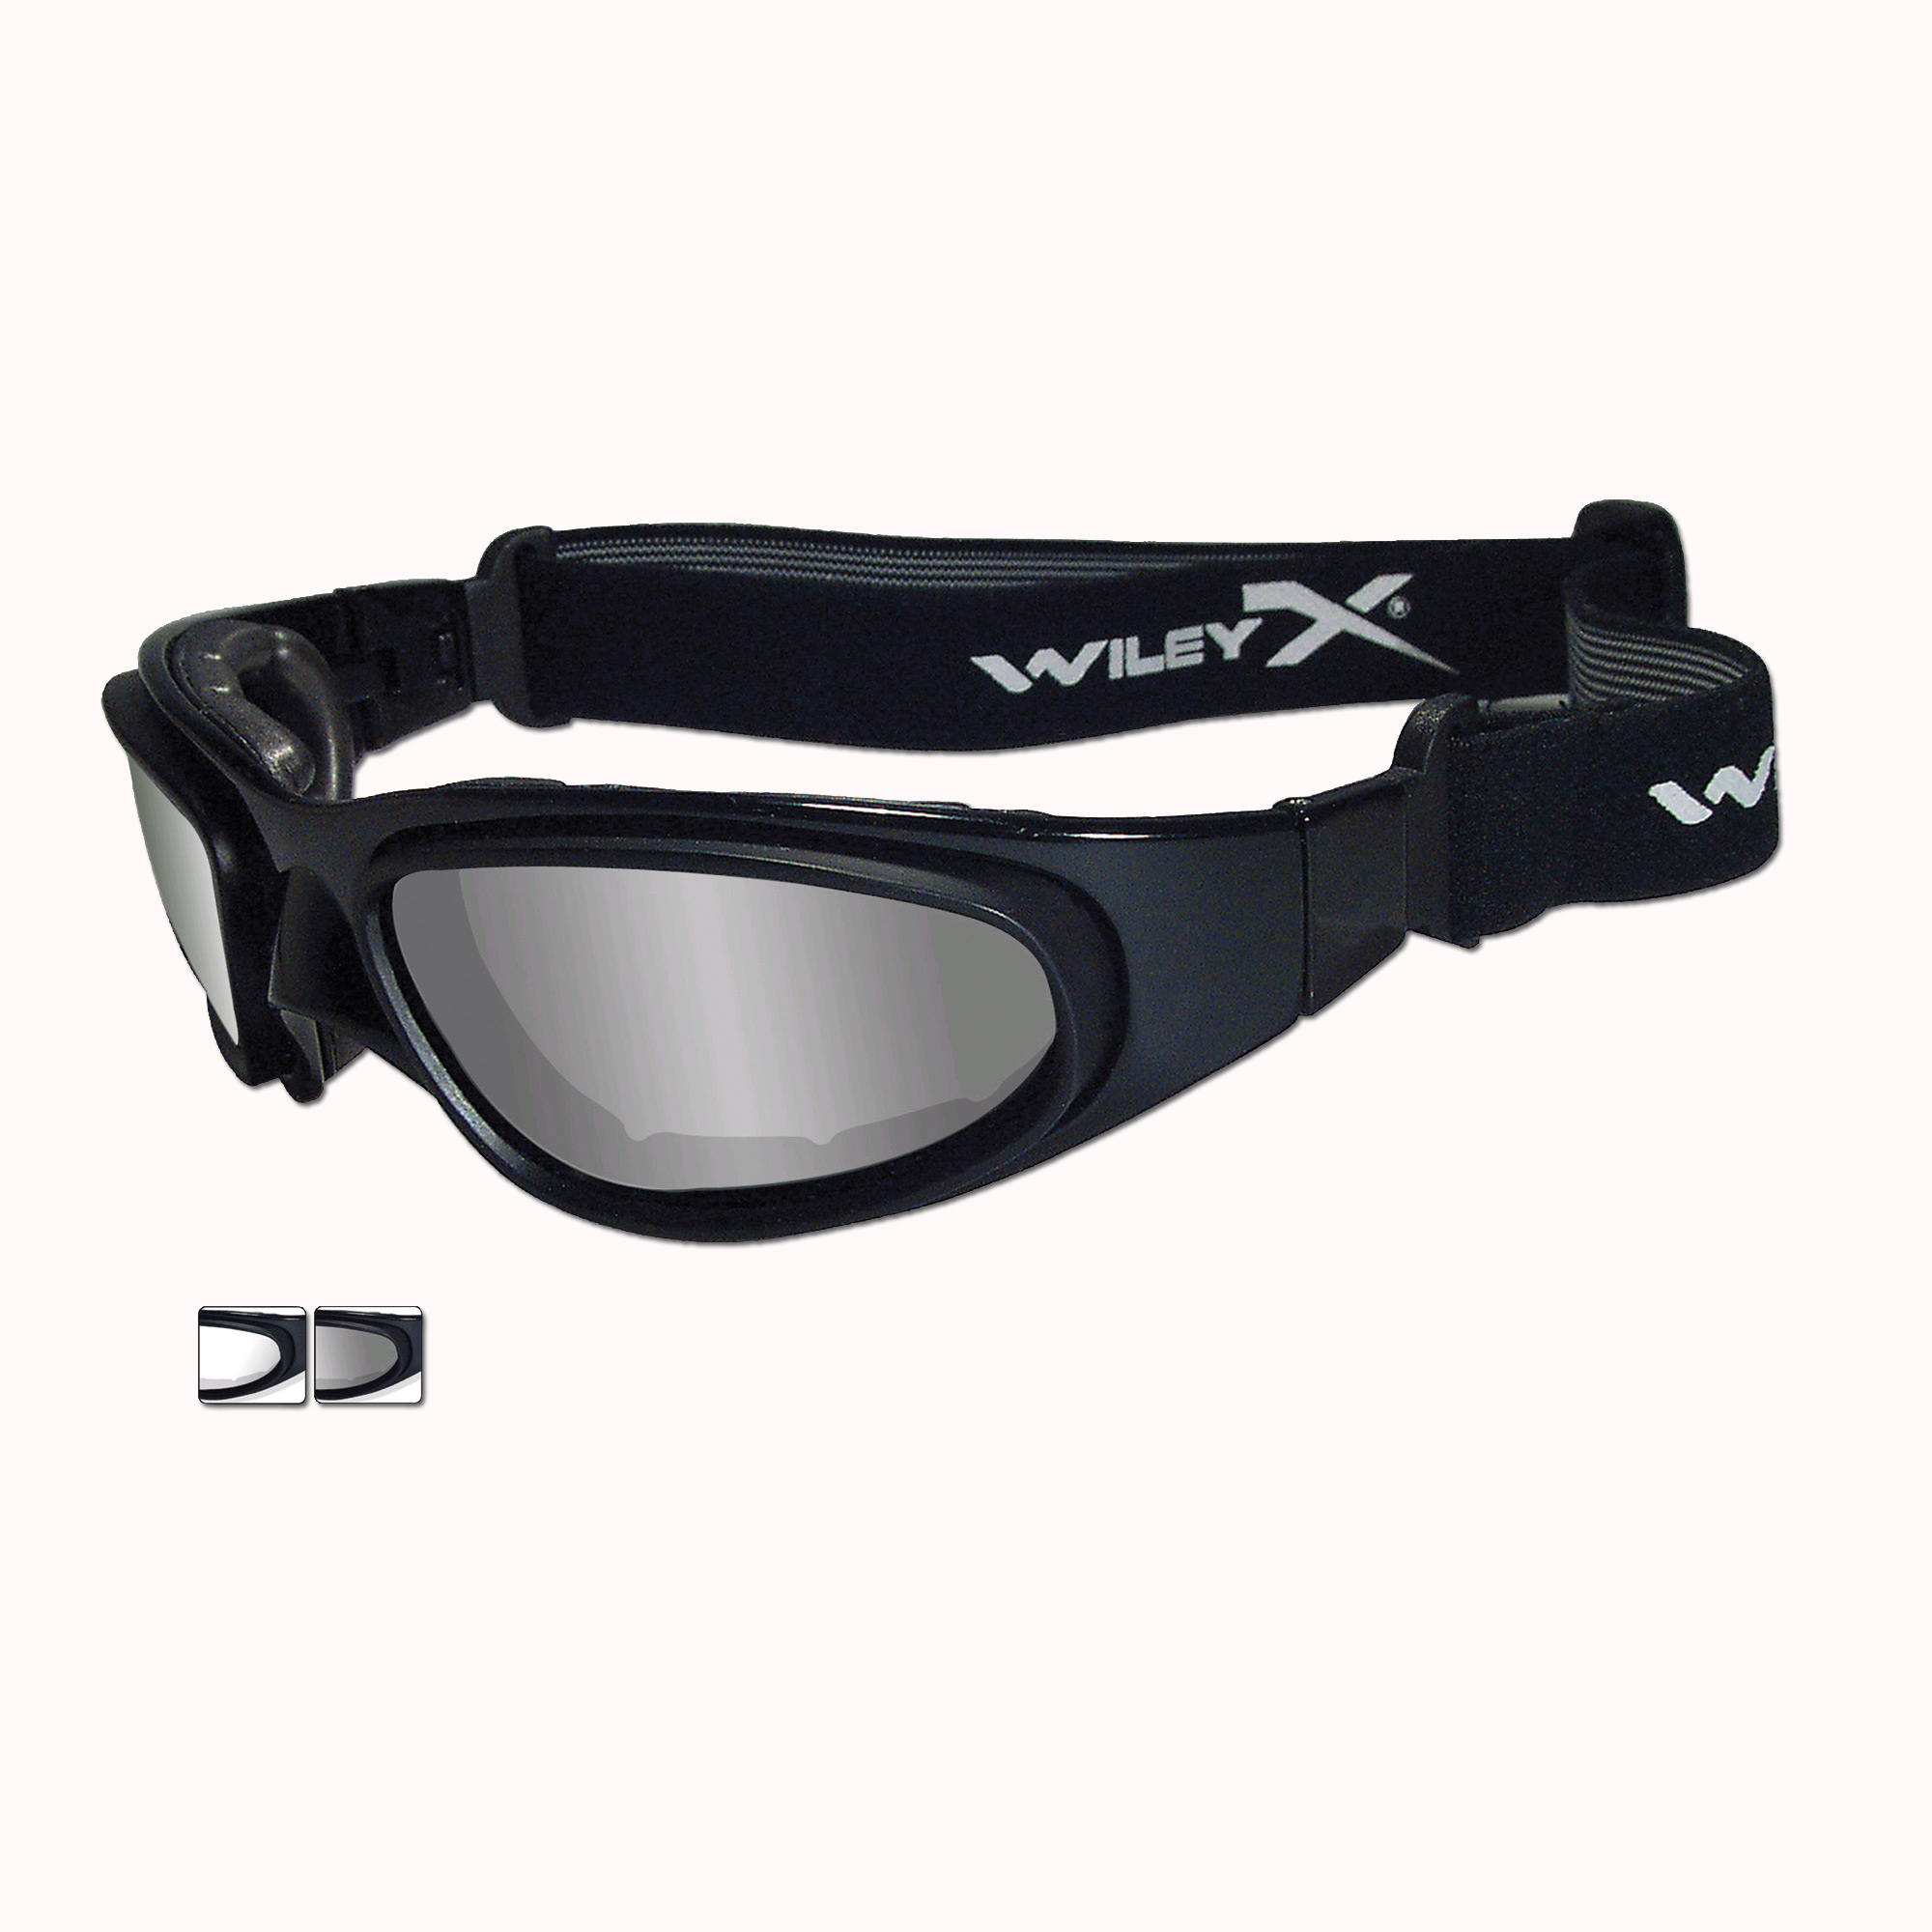 Gafas Wiley X SG-1